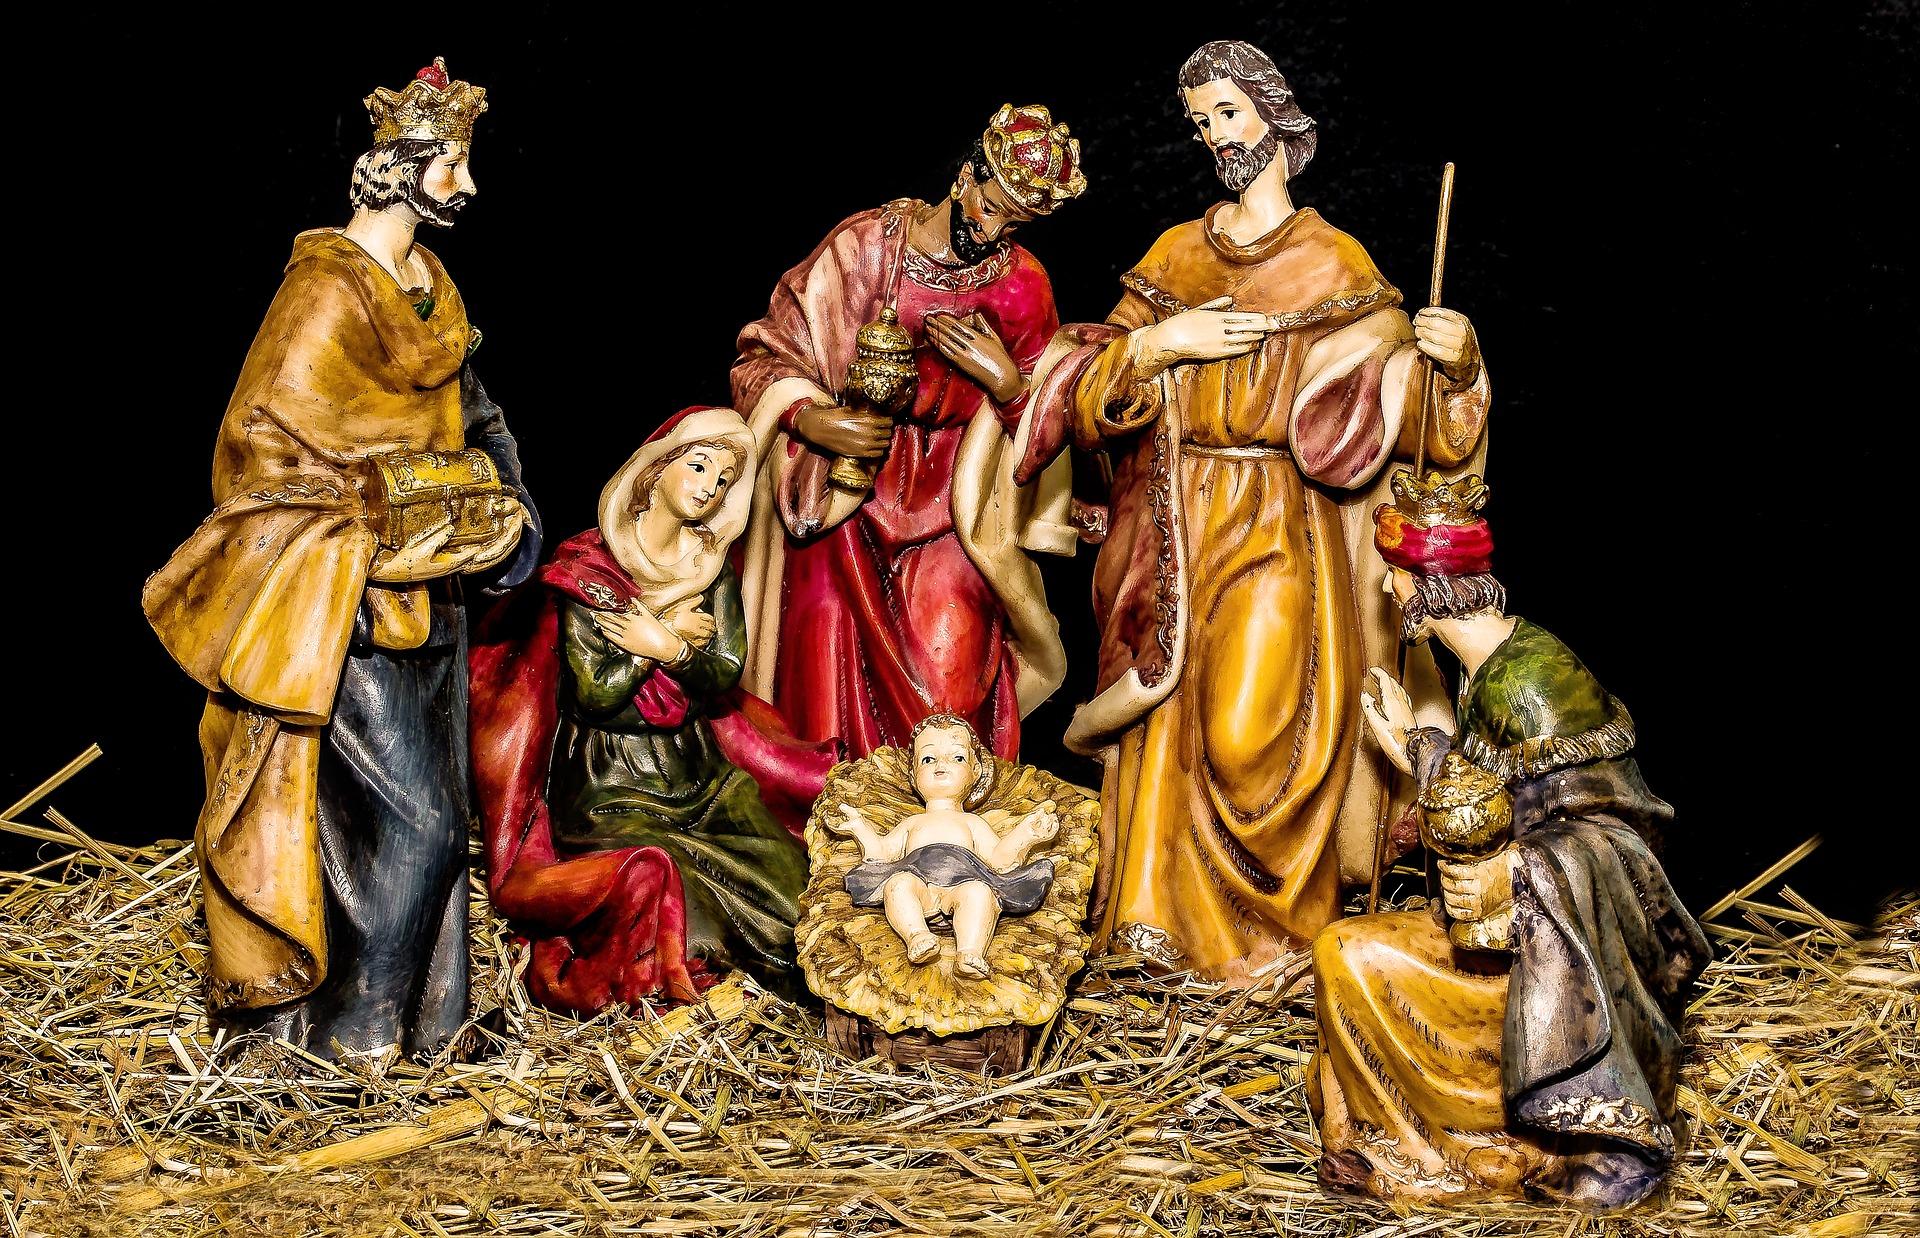 Os presépios foram os primeiros ícones a serem introduzidos nas comemorações natalinas do Brasil. Foto: Pixabay.